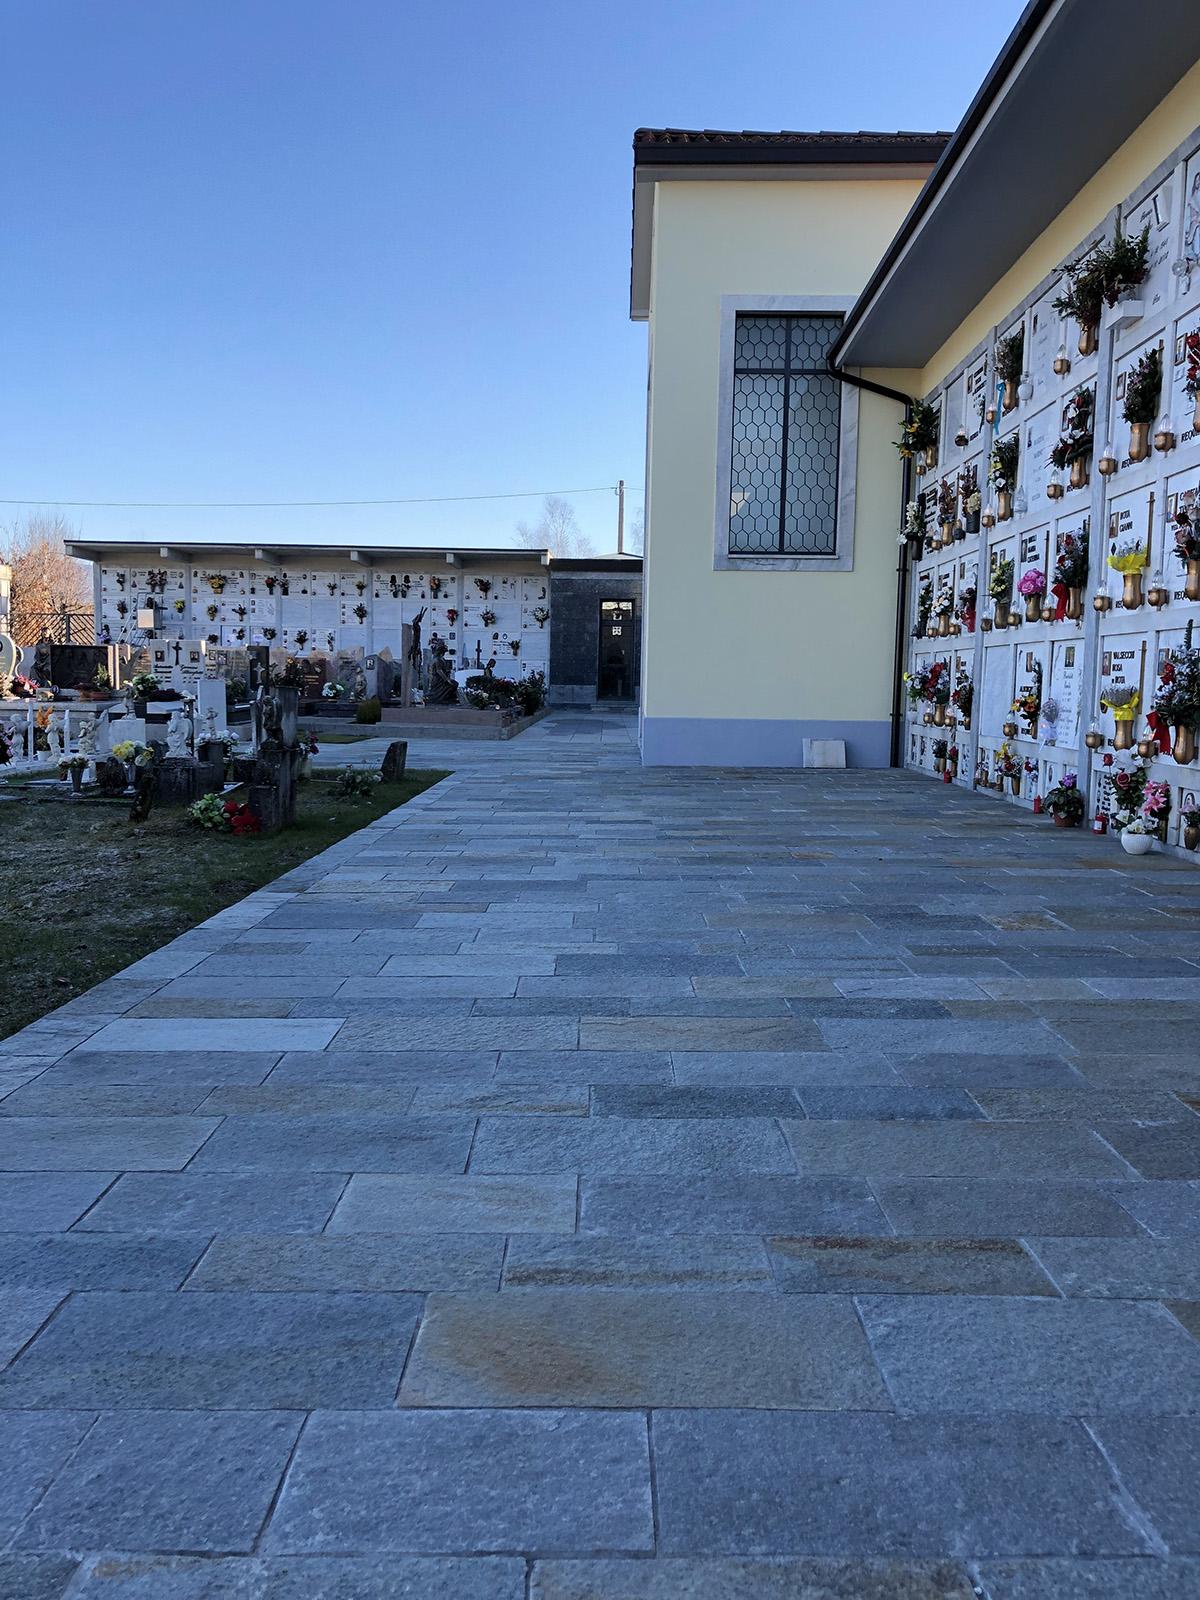 Perico-Renato-Ambivere (BG) - Cimitero comunale - Ristrutturazione 3